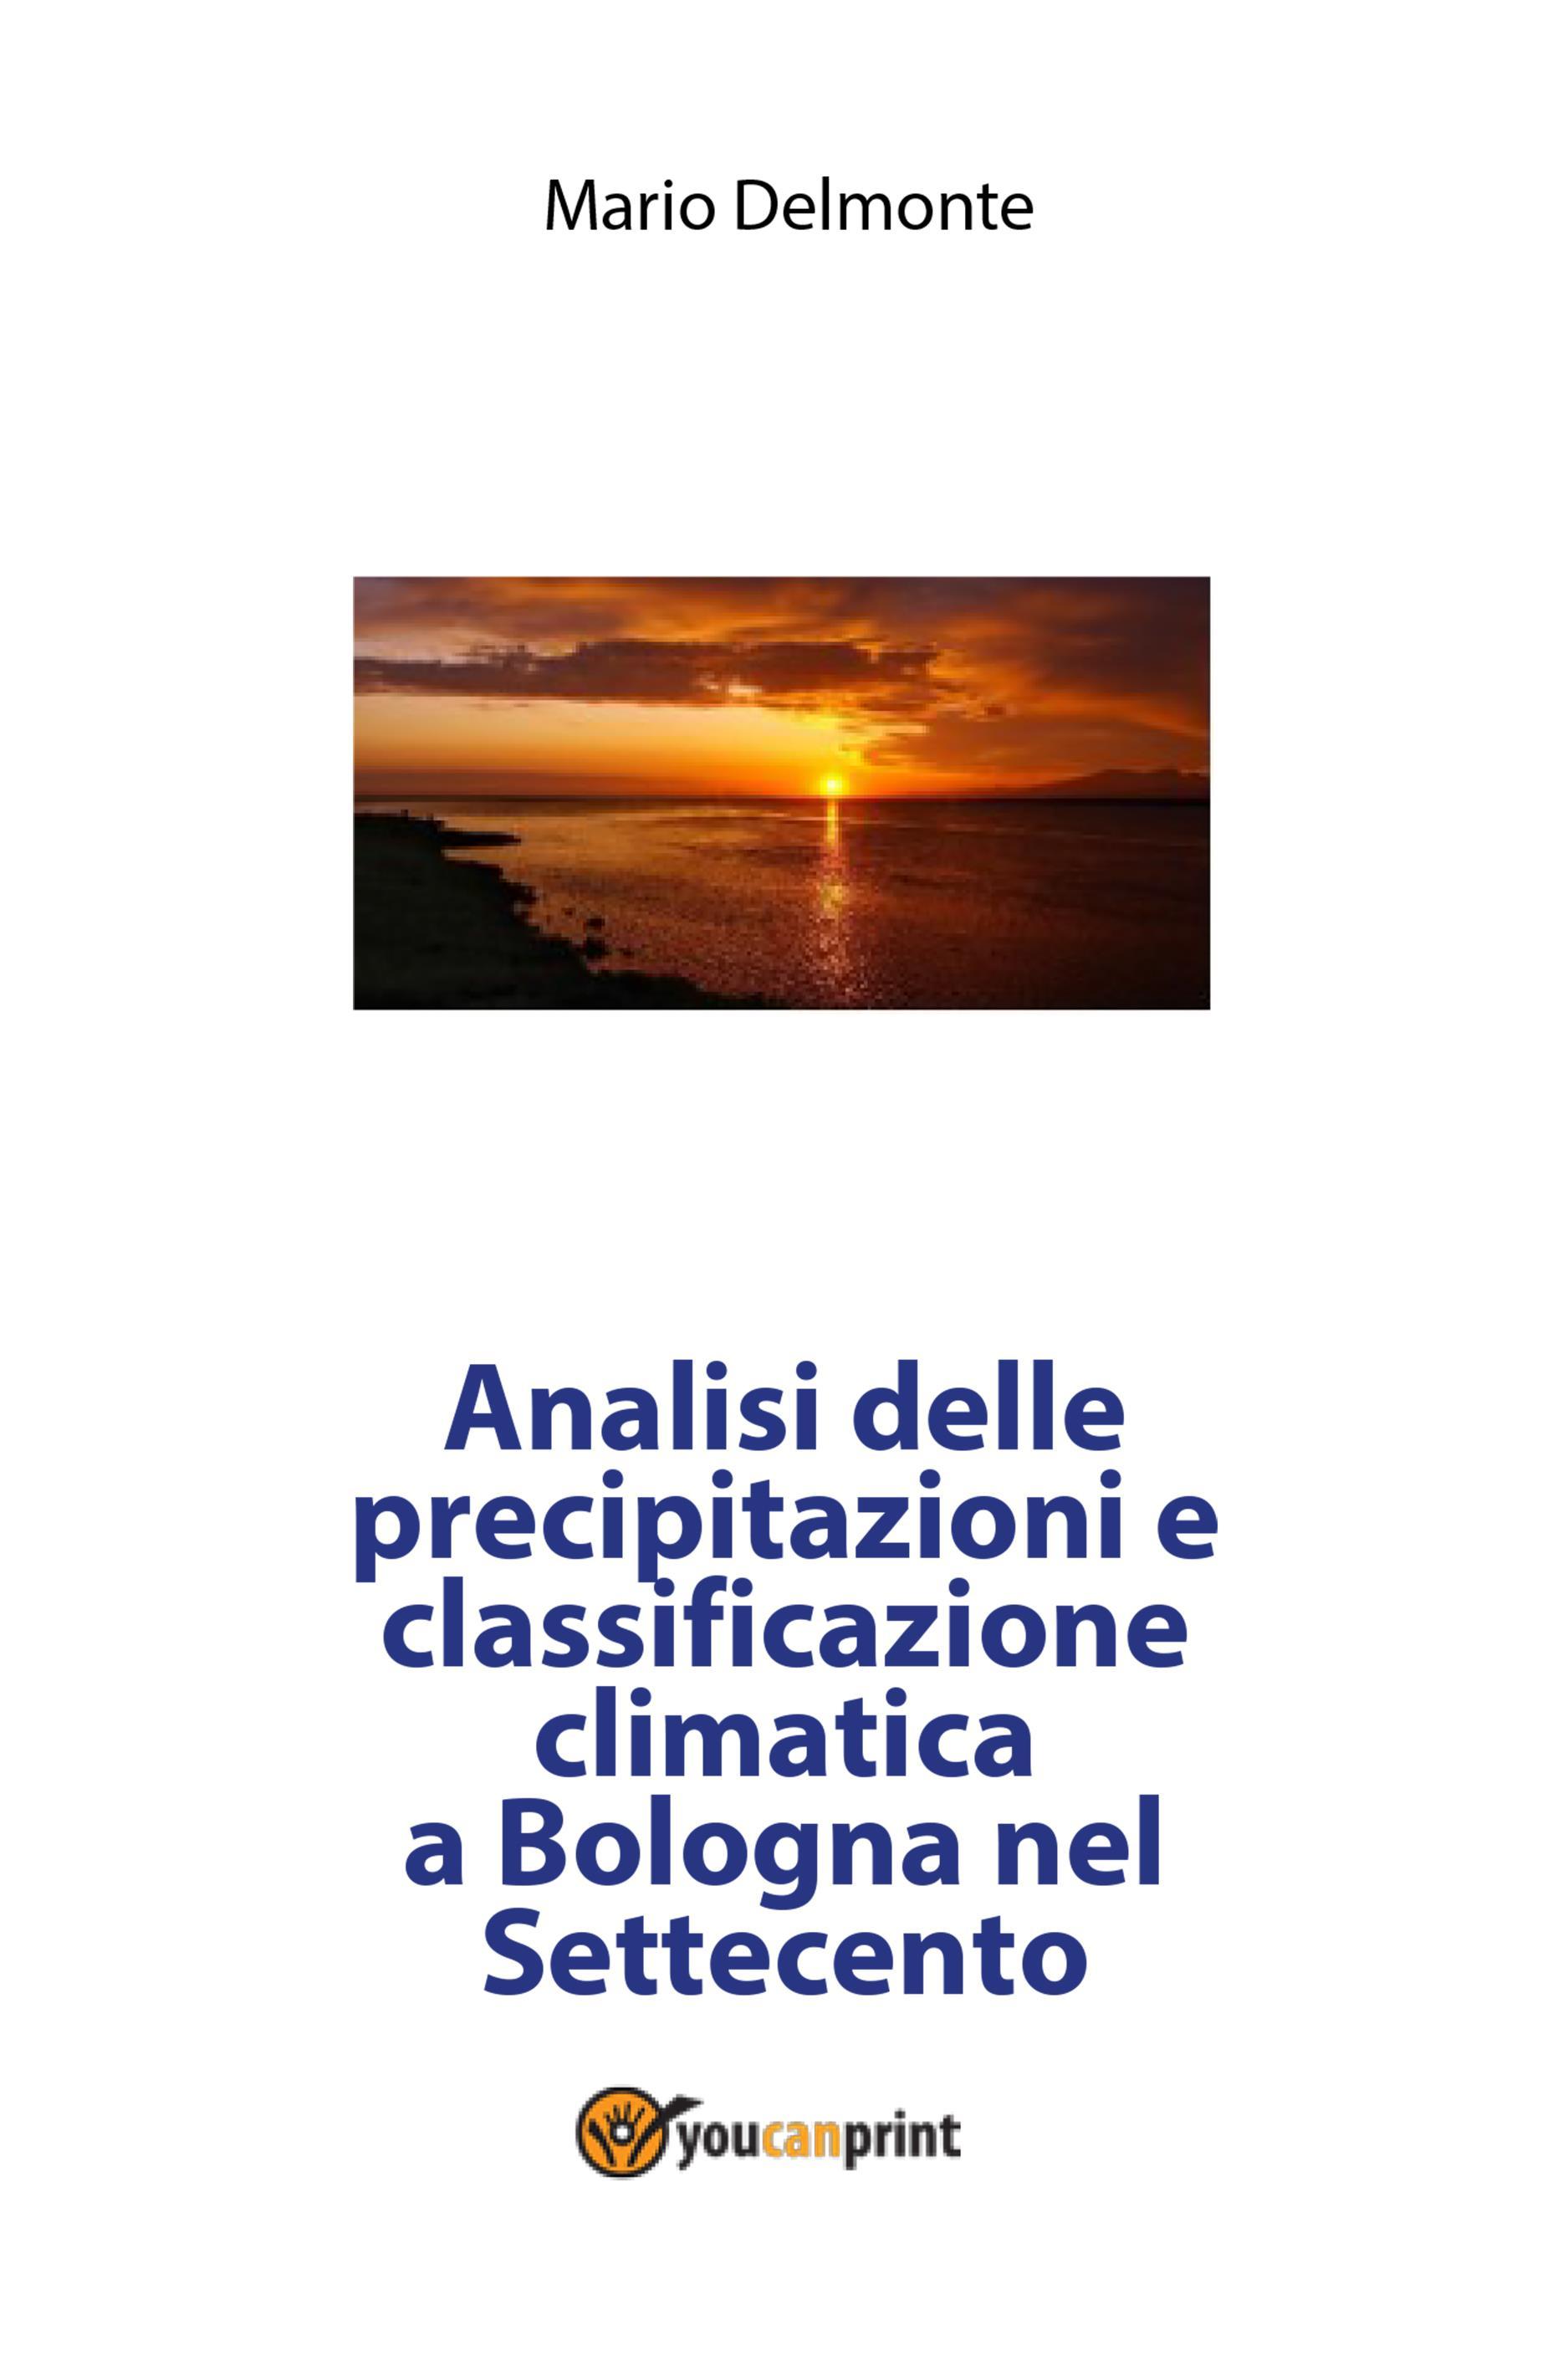 Analisi delle precipitazioni e classificazione climatica a Bologna nel Settecento